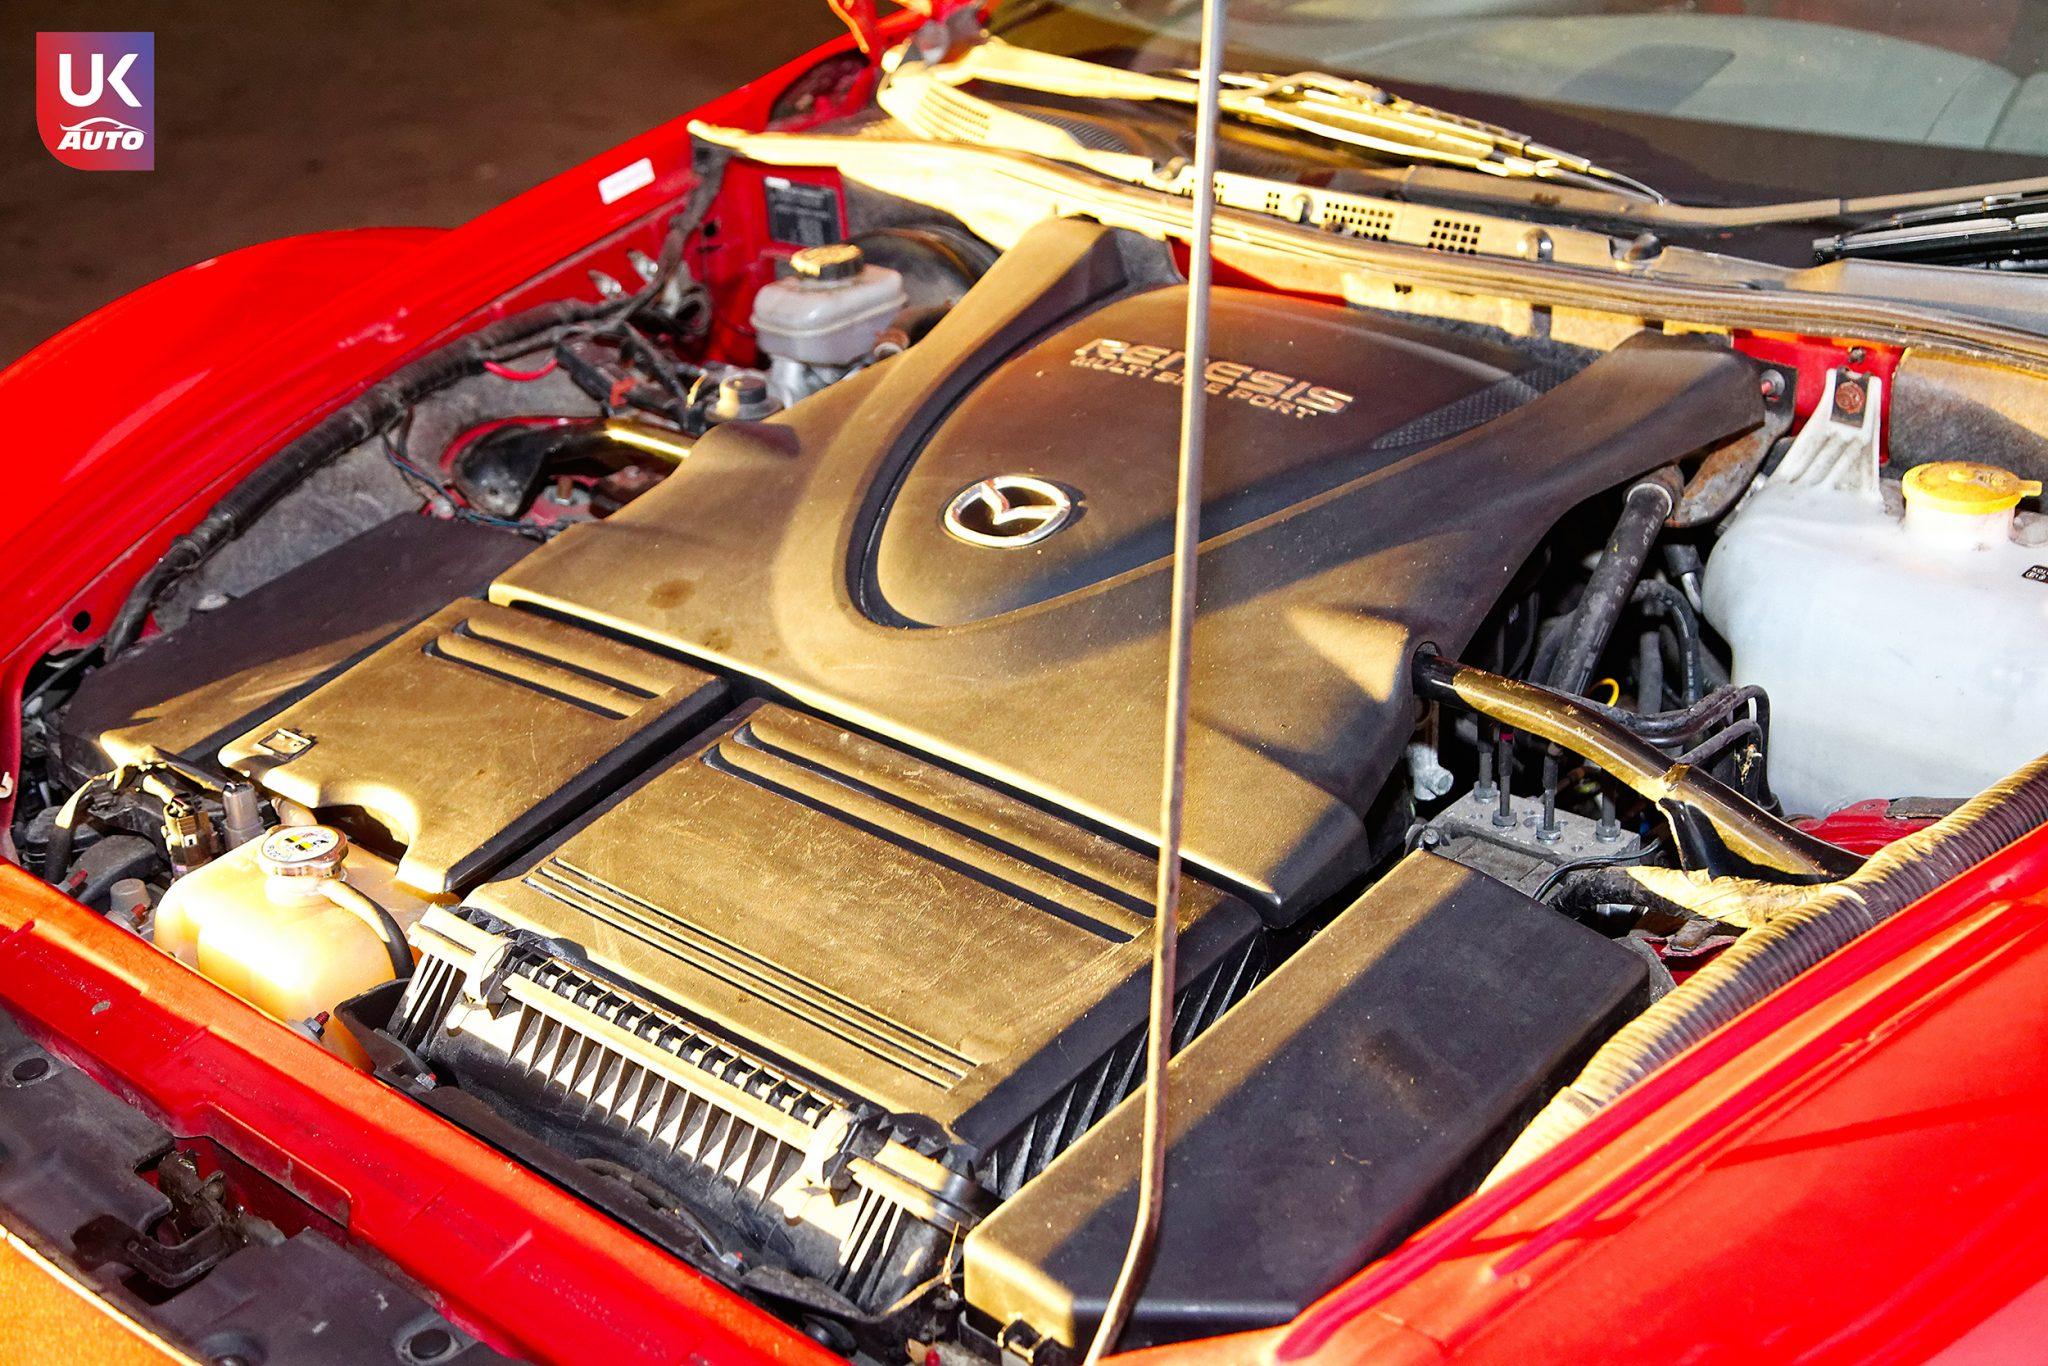 ukauto import uk angleterre mazda rx8 import voiture anglaise auto uk10 - Felecitation a Jeremie pour cette Mazda RX8 RHD import voiture anglaise N1 UK